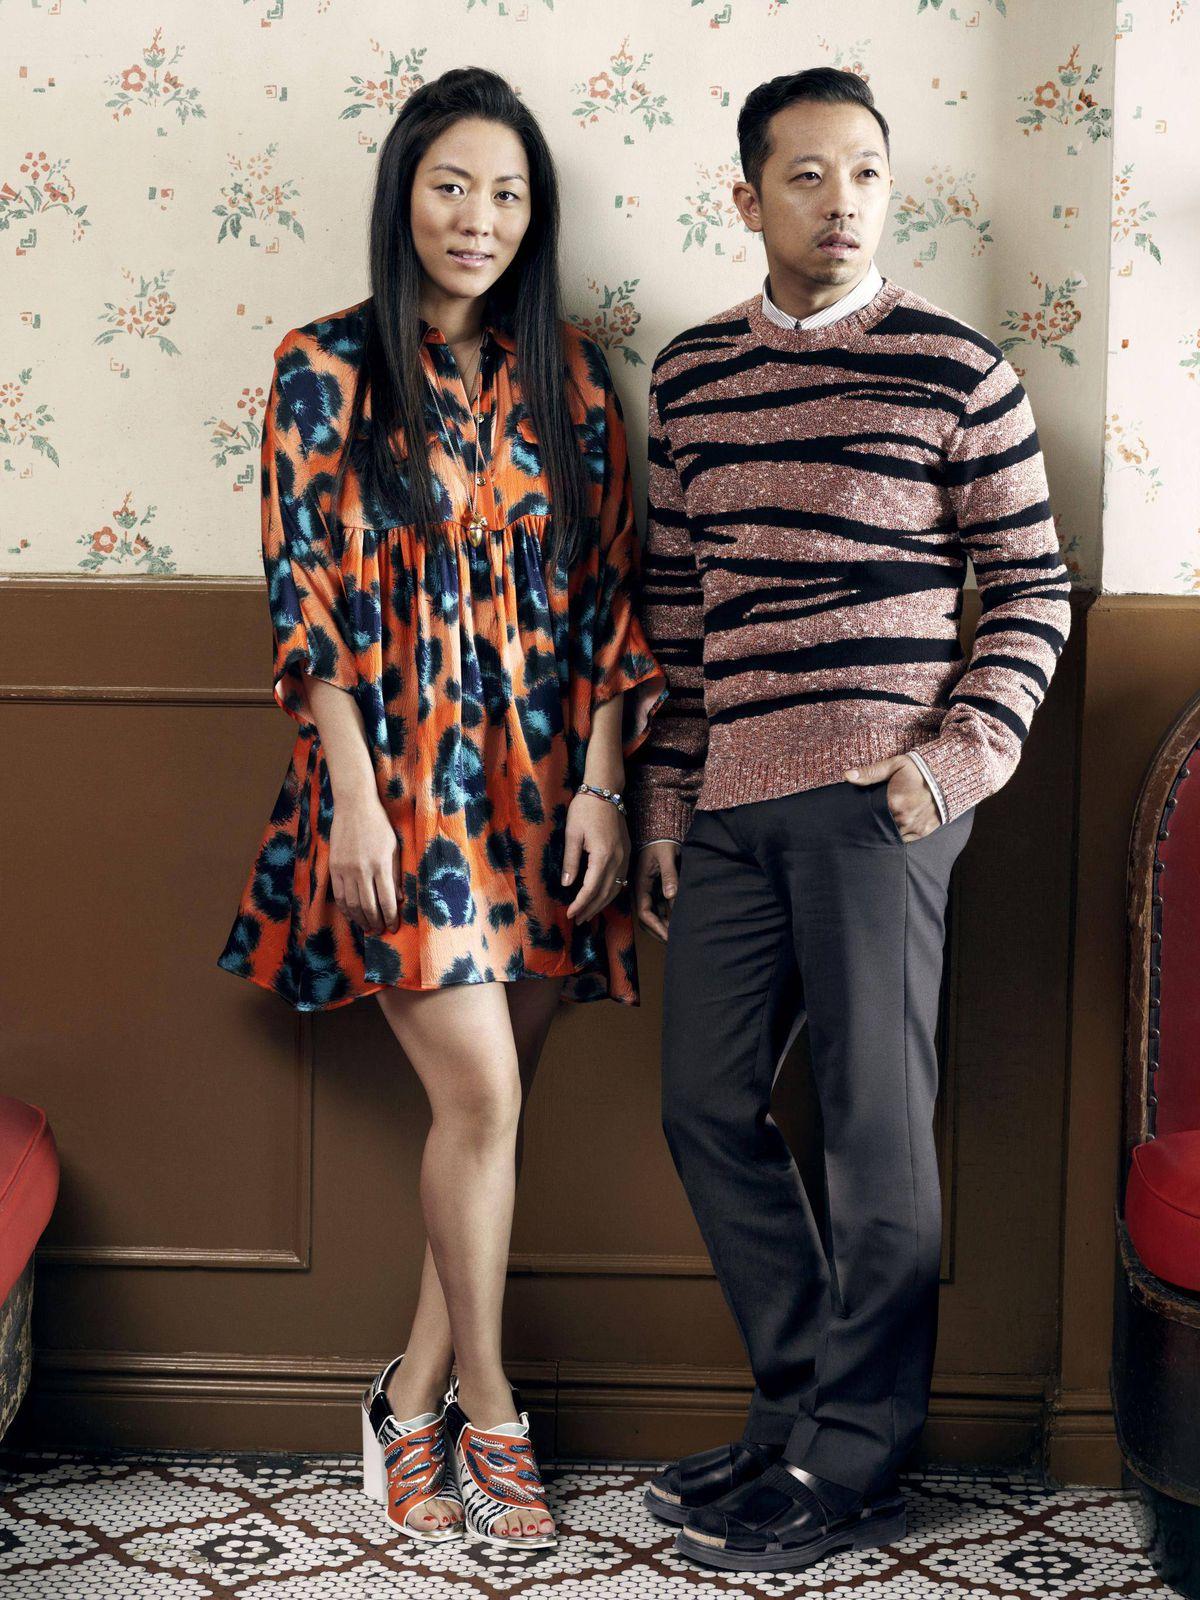 Основателите на концептуалния магазин и марката Opening Ceremony, Умберто Леон и Карол Лим, които от 2011 година насам се занимават с творческото ръководство на Kenzo, напускат френската модна къща. Дизайнерското дуо представи последната си колекция на 23 юни по време на Седмицата на модата в Париж.